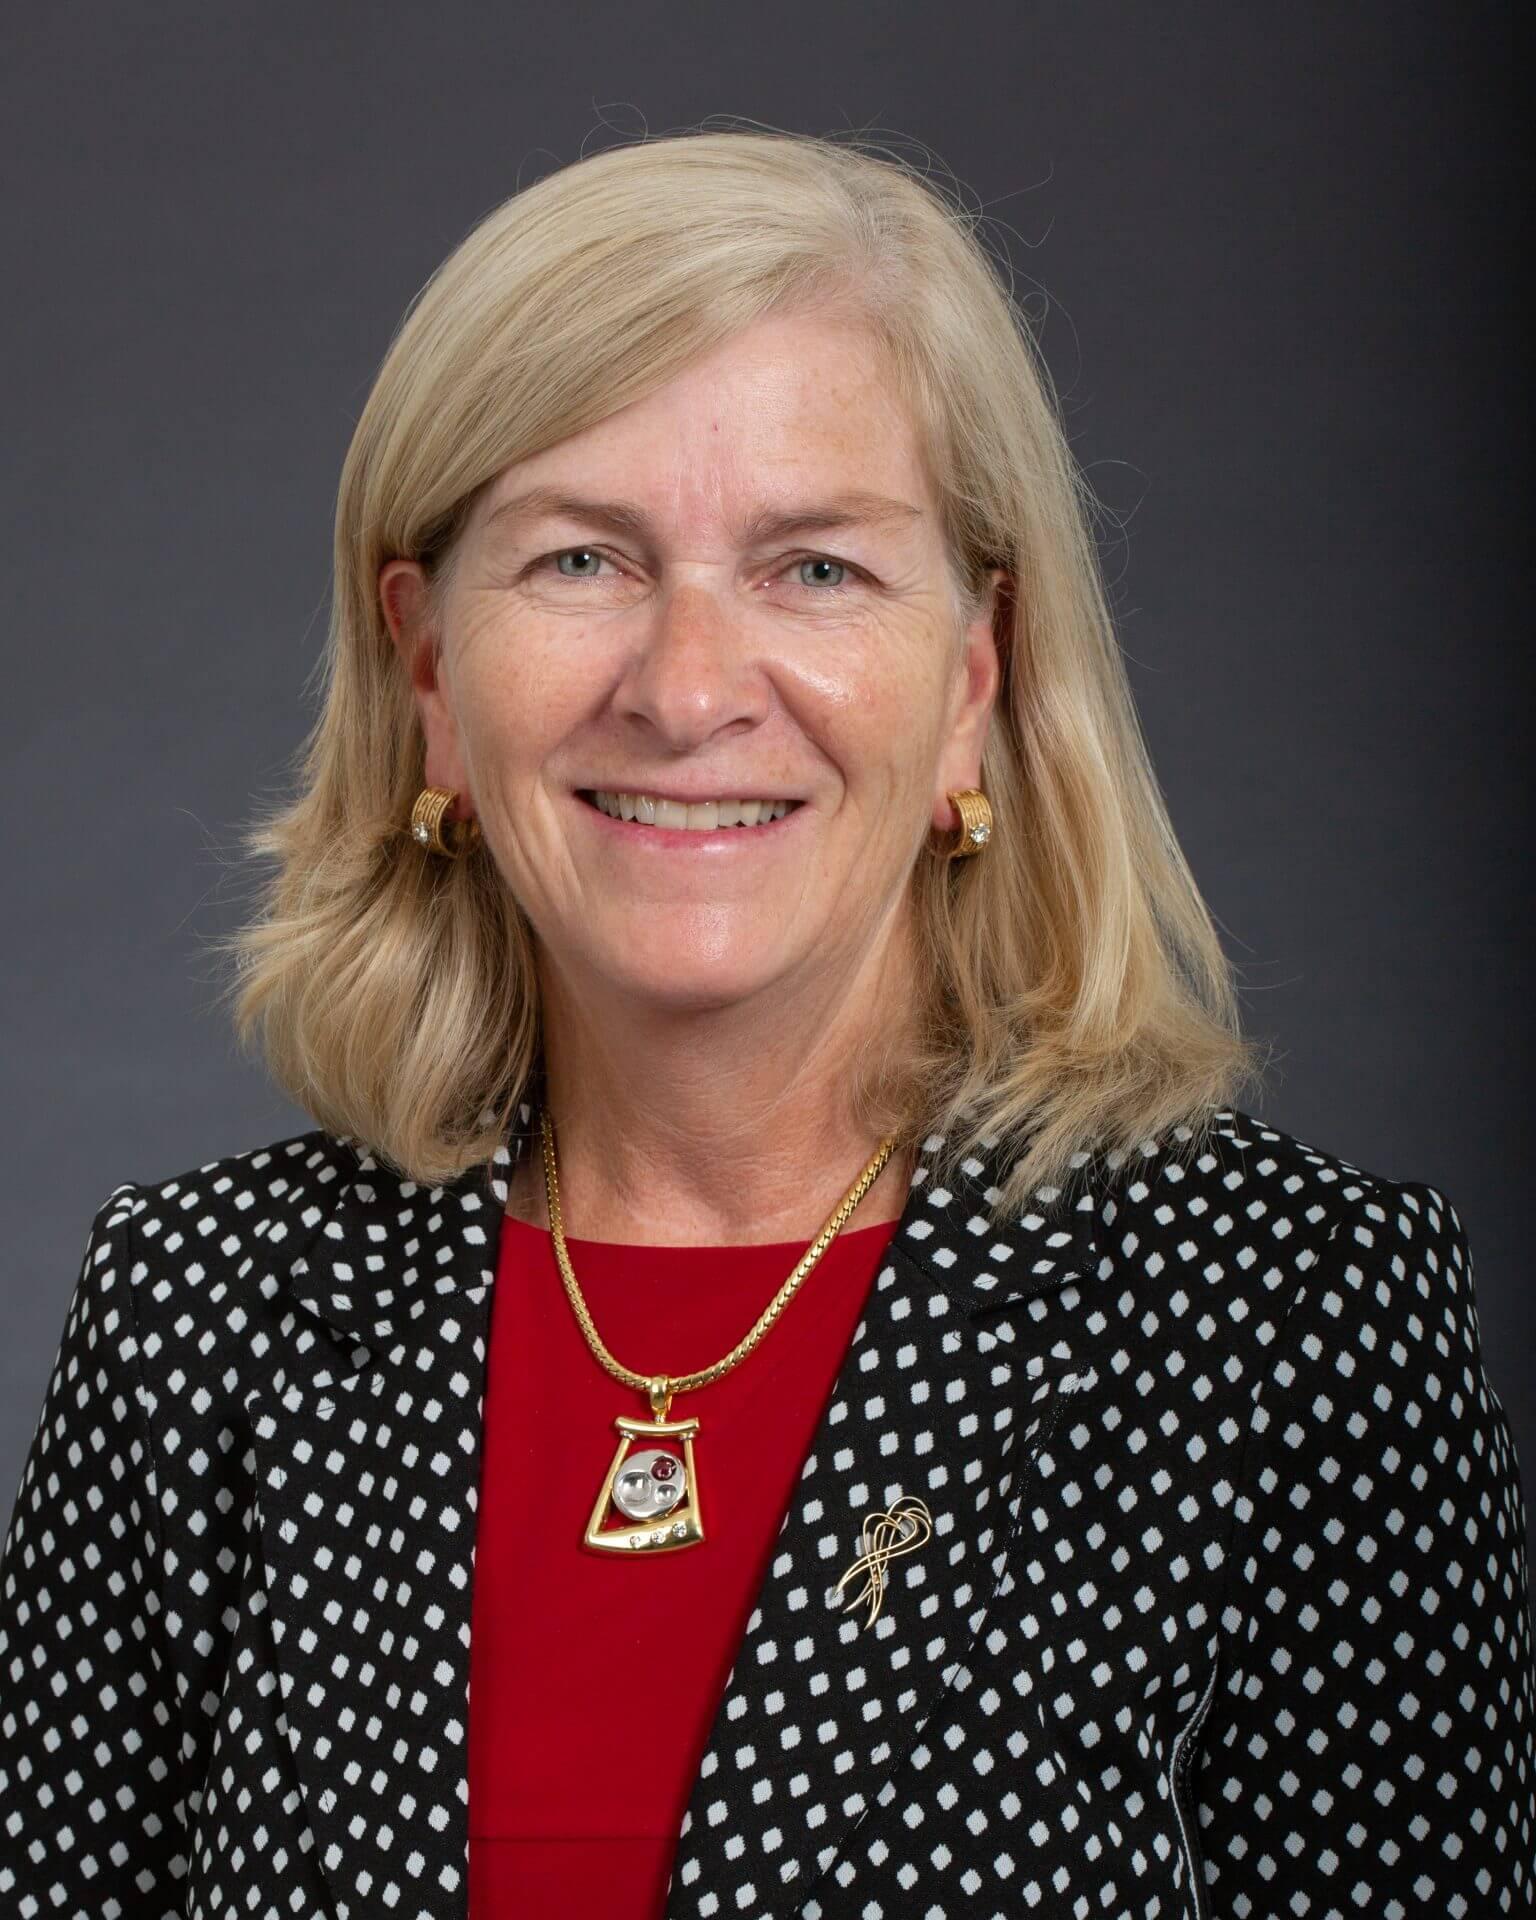 Angela Lockridge